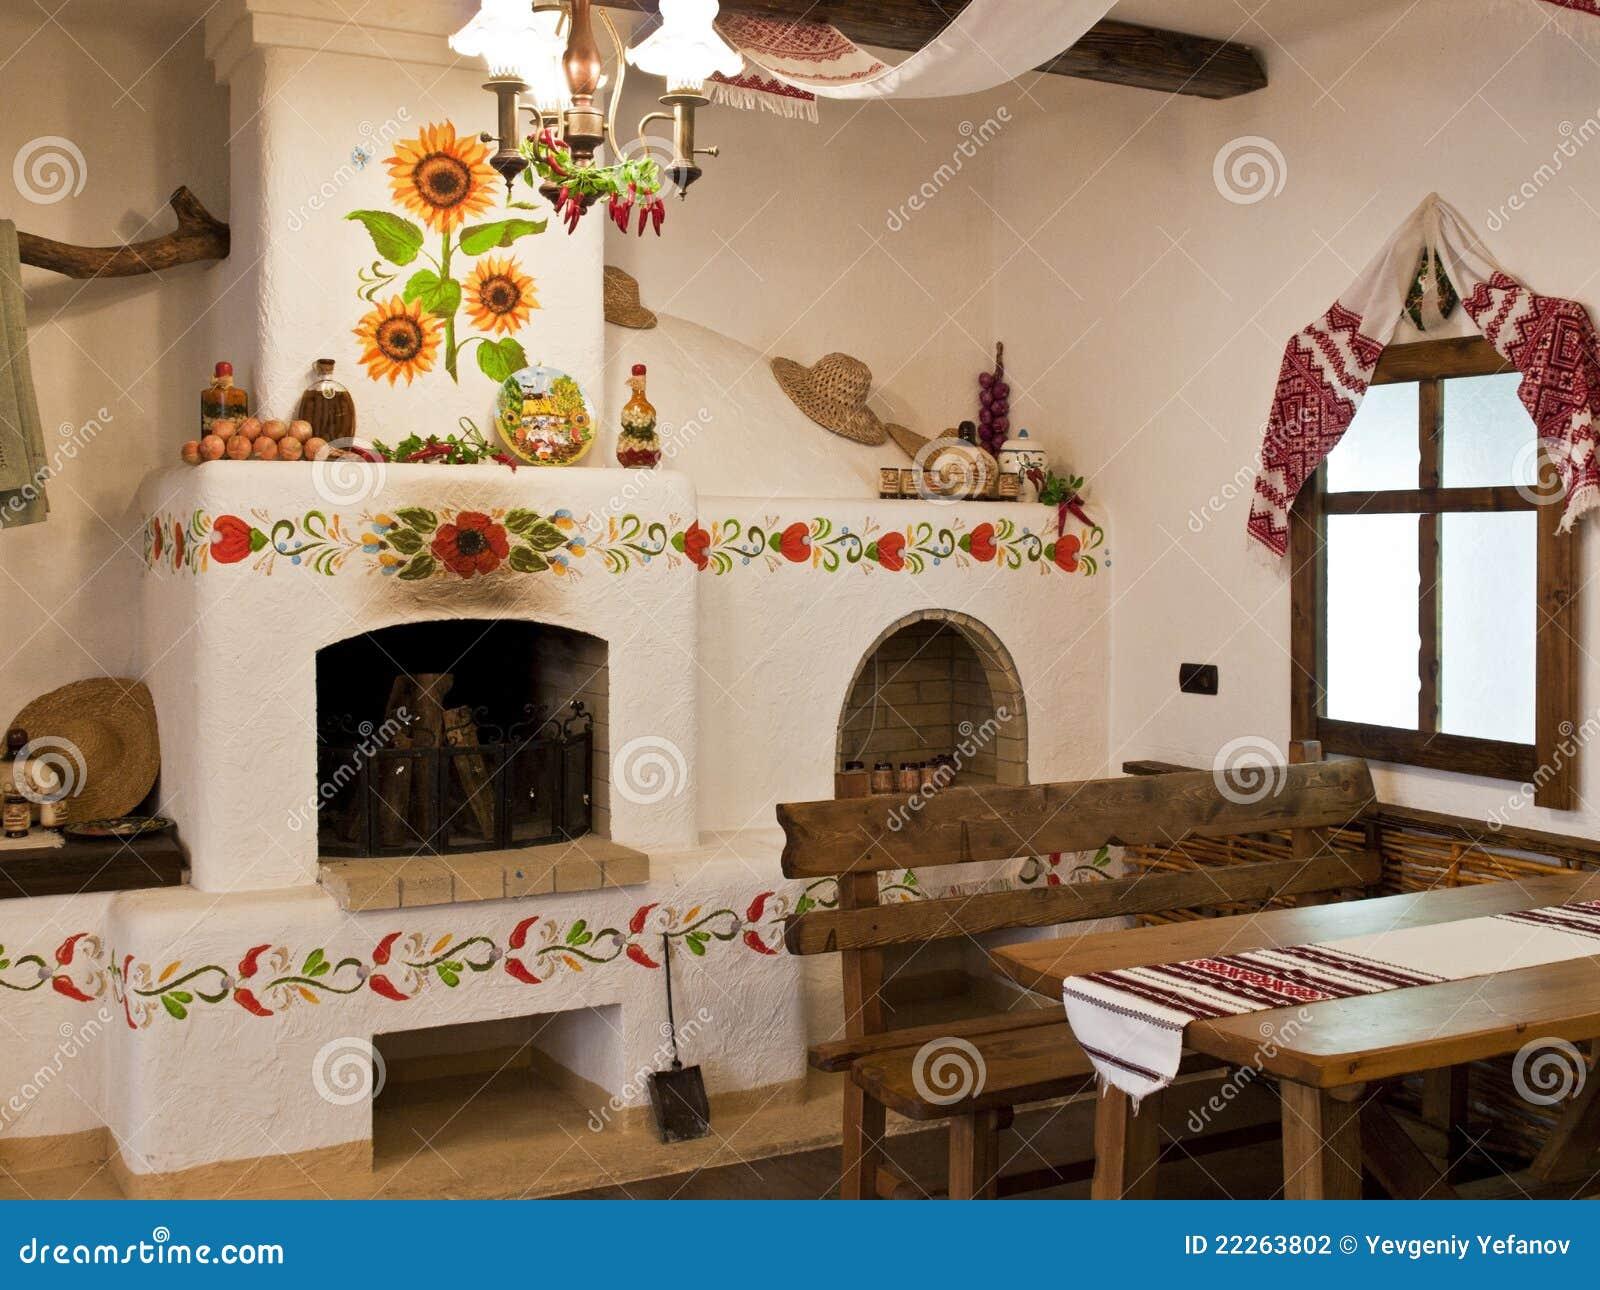 белье кухня в стиле избы горшков и мазвнки стоит